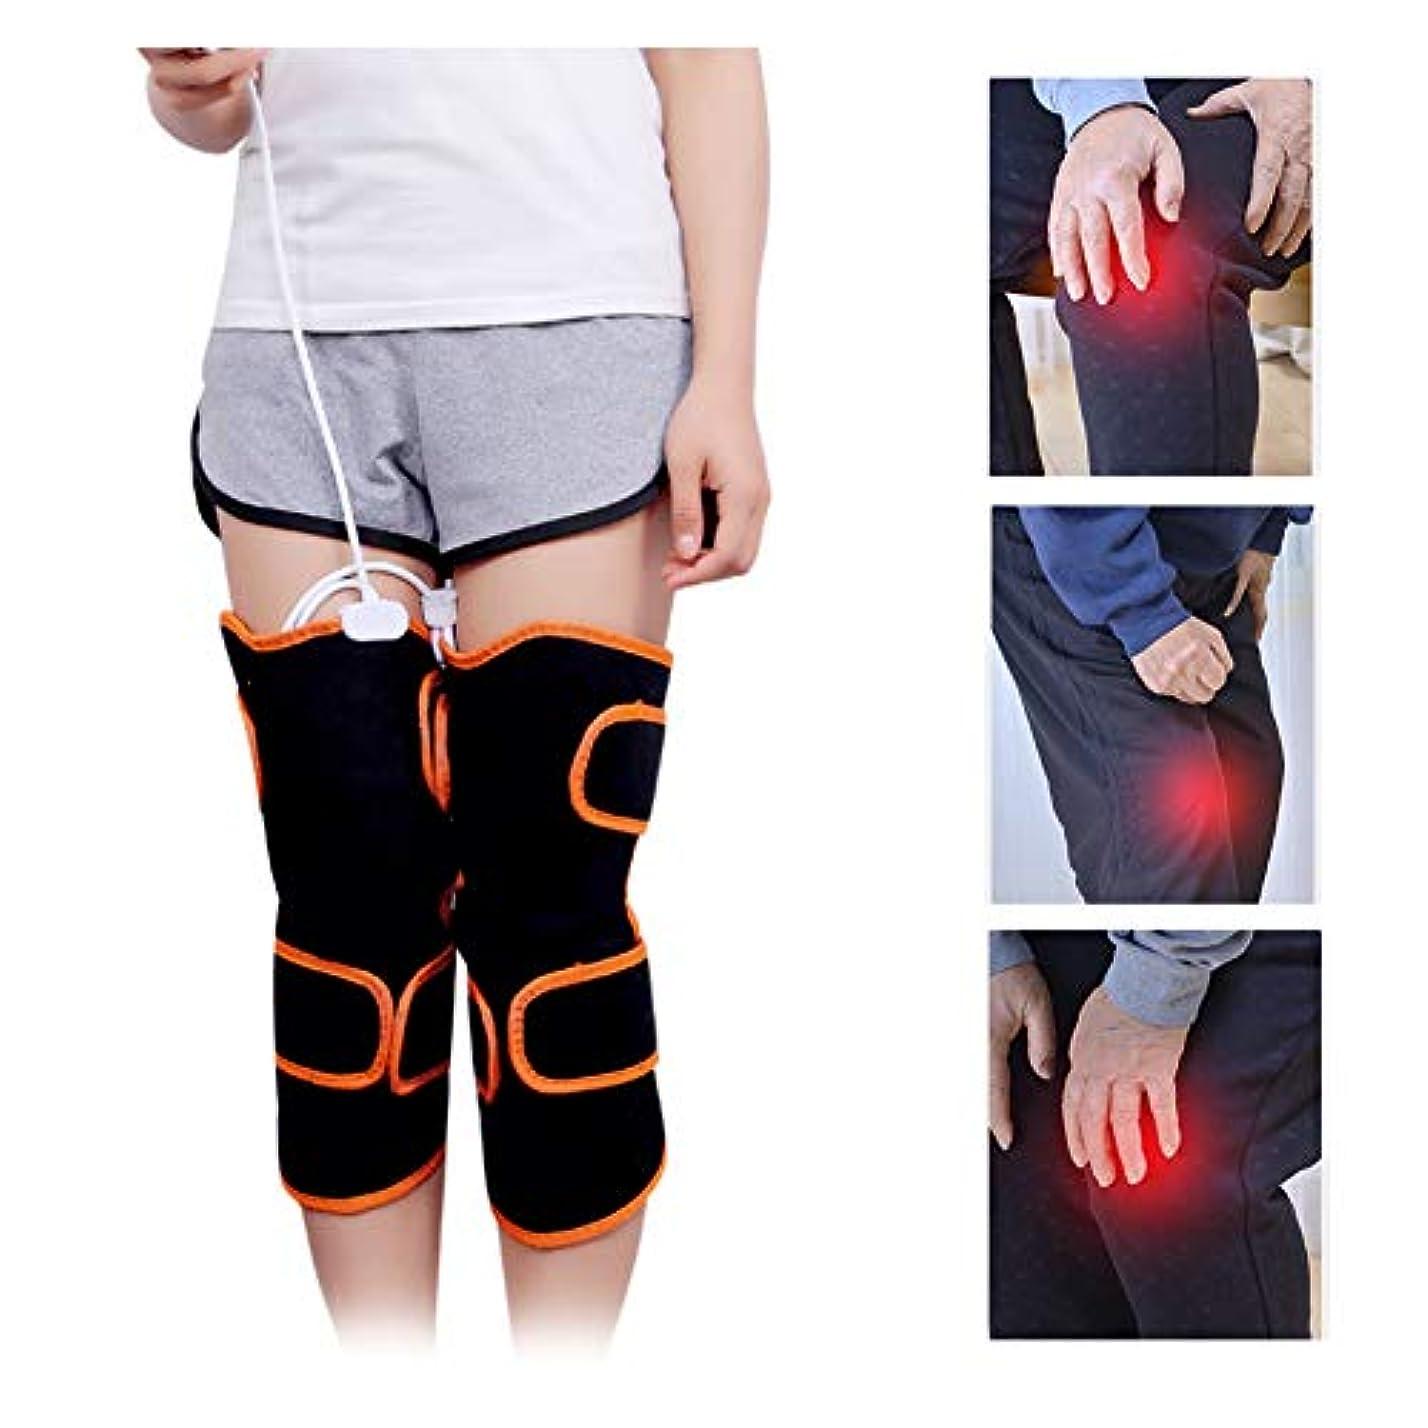 アイデア透けて見えるアンタゴニスト9種類のマッサージモードと5種類の速度の膝温熱パッド付き加熱膝装具-膝の怪我、痛みを軽減するセラピーラップマッサージャー